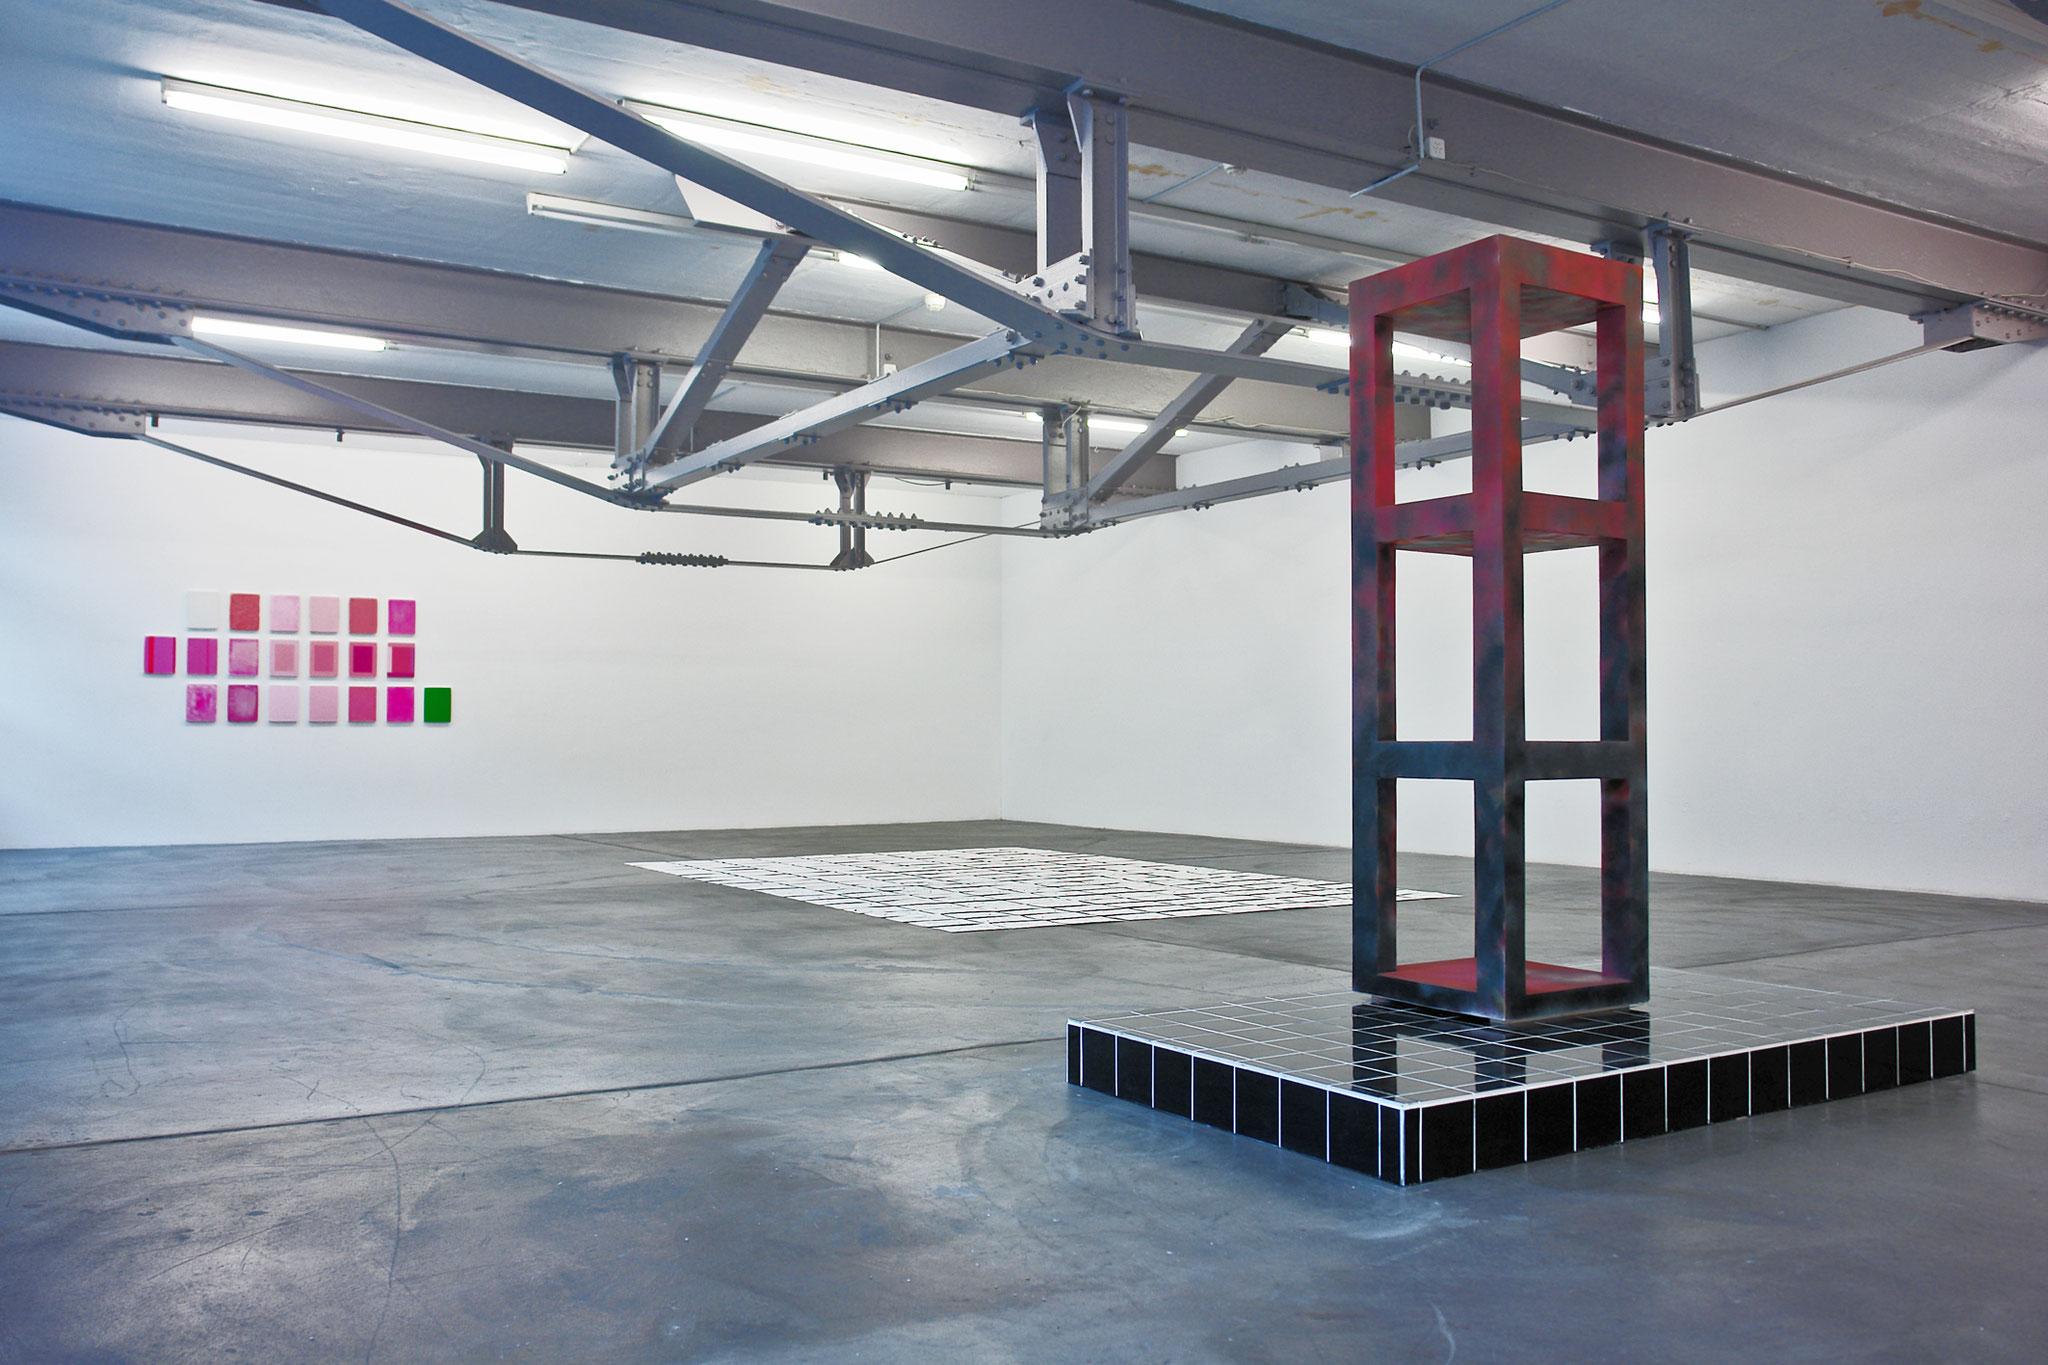 Ausstellungsansicht Kunsthalle Vebikus Schaffhausen 2018, Jean-Claude Houlmann, Anja Braun and Felix Baudenbacher